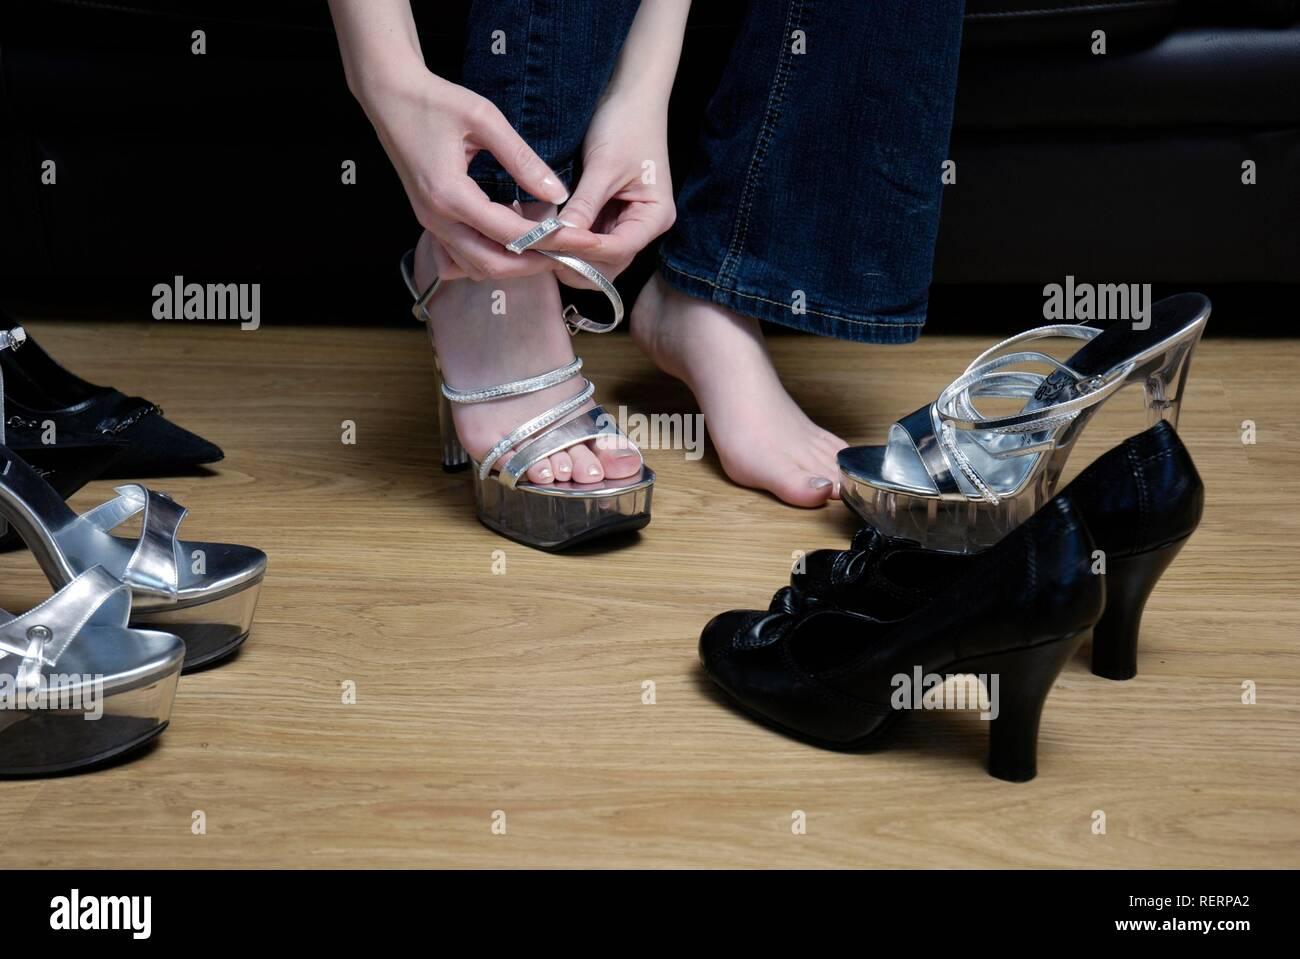 Imágenes Stockamp; Poniéndose Alto De Zapatos Mujer Tacón SMVzUp